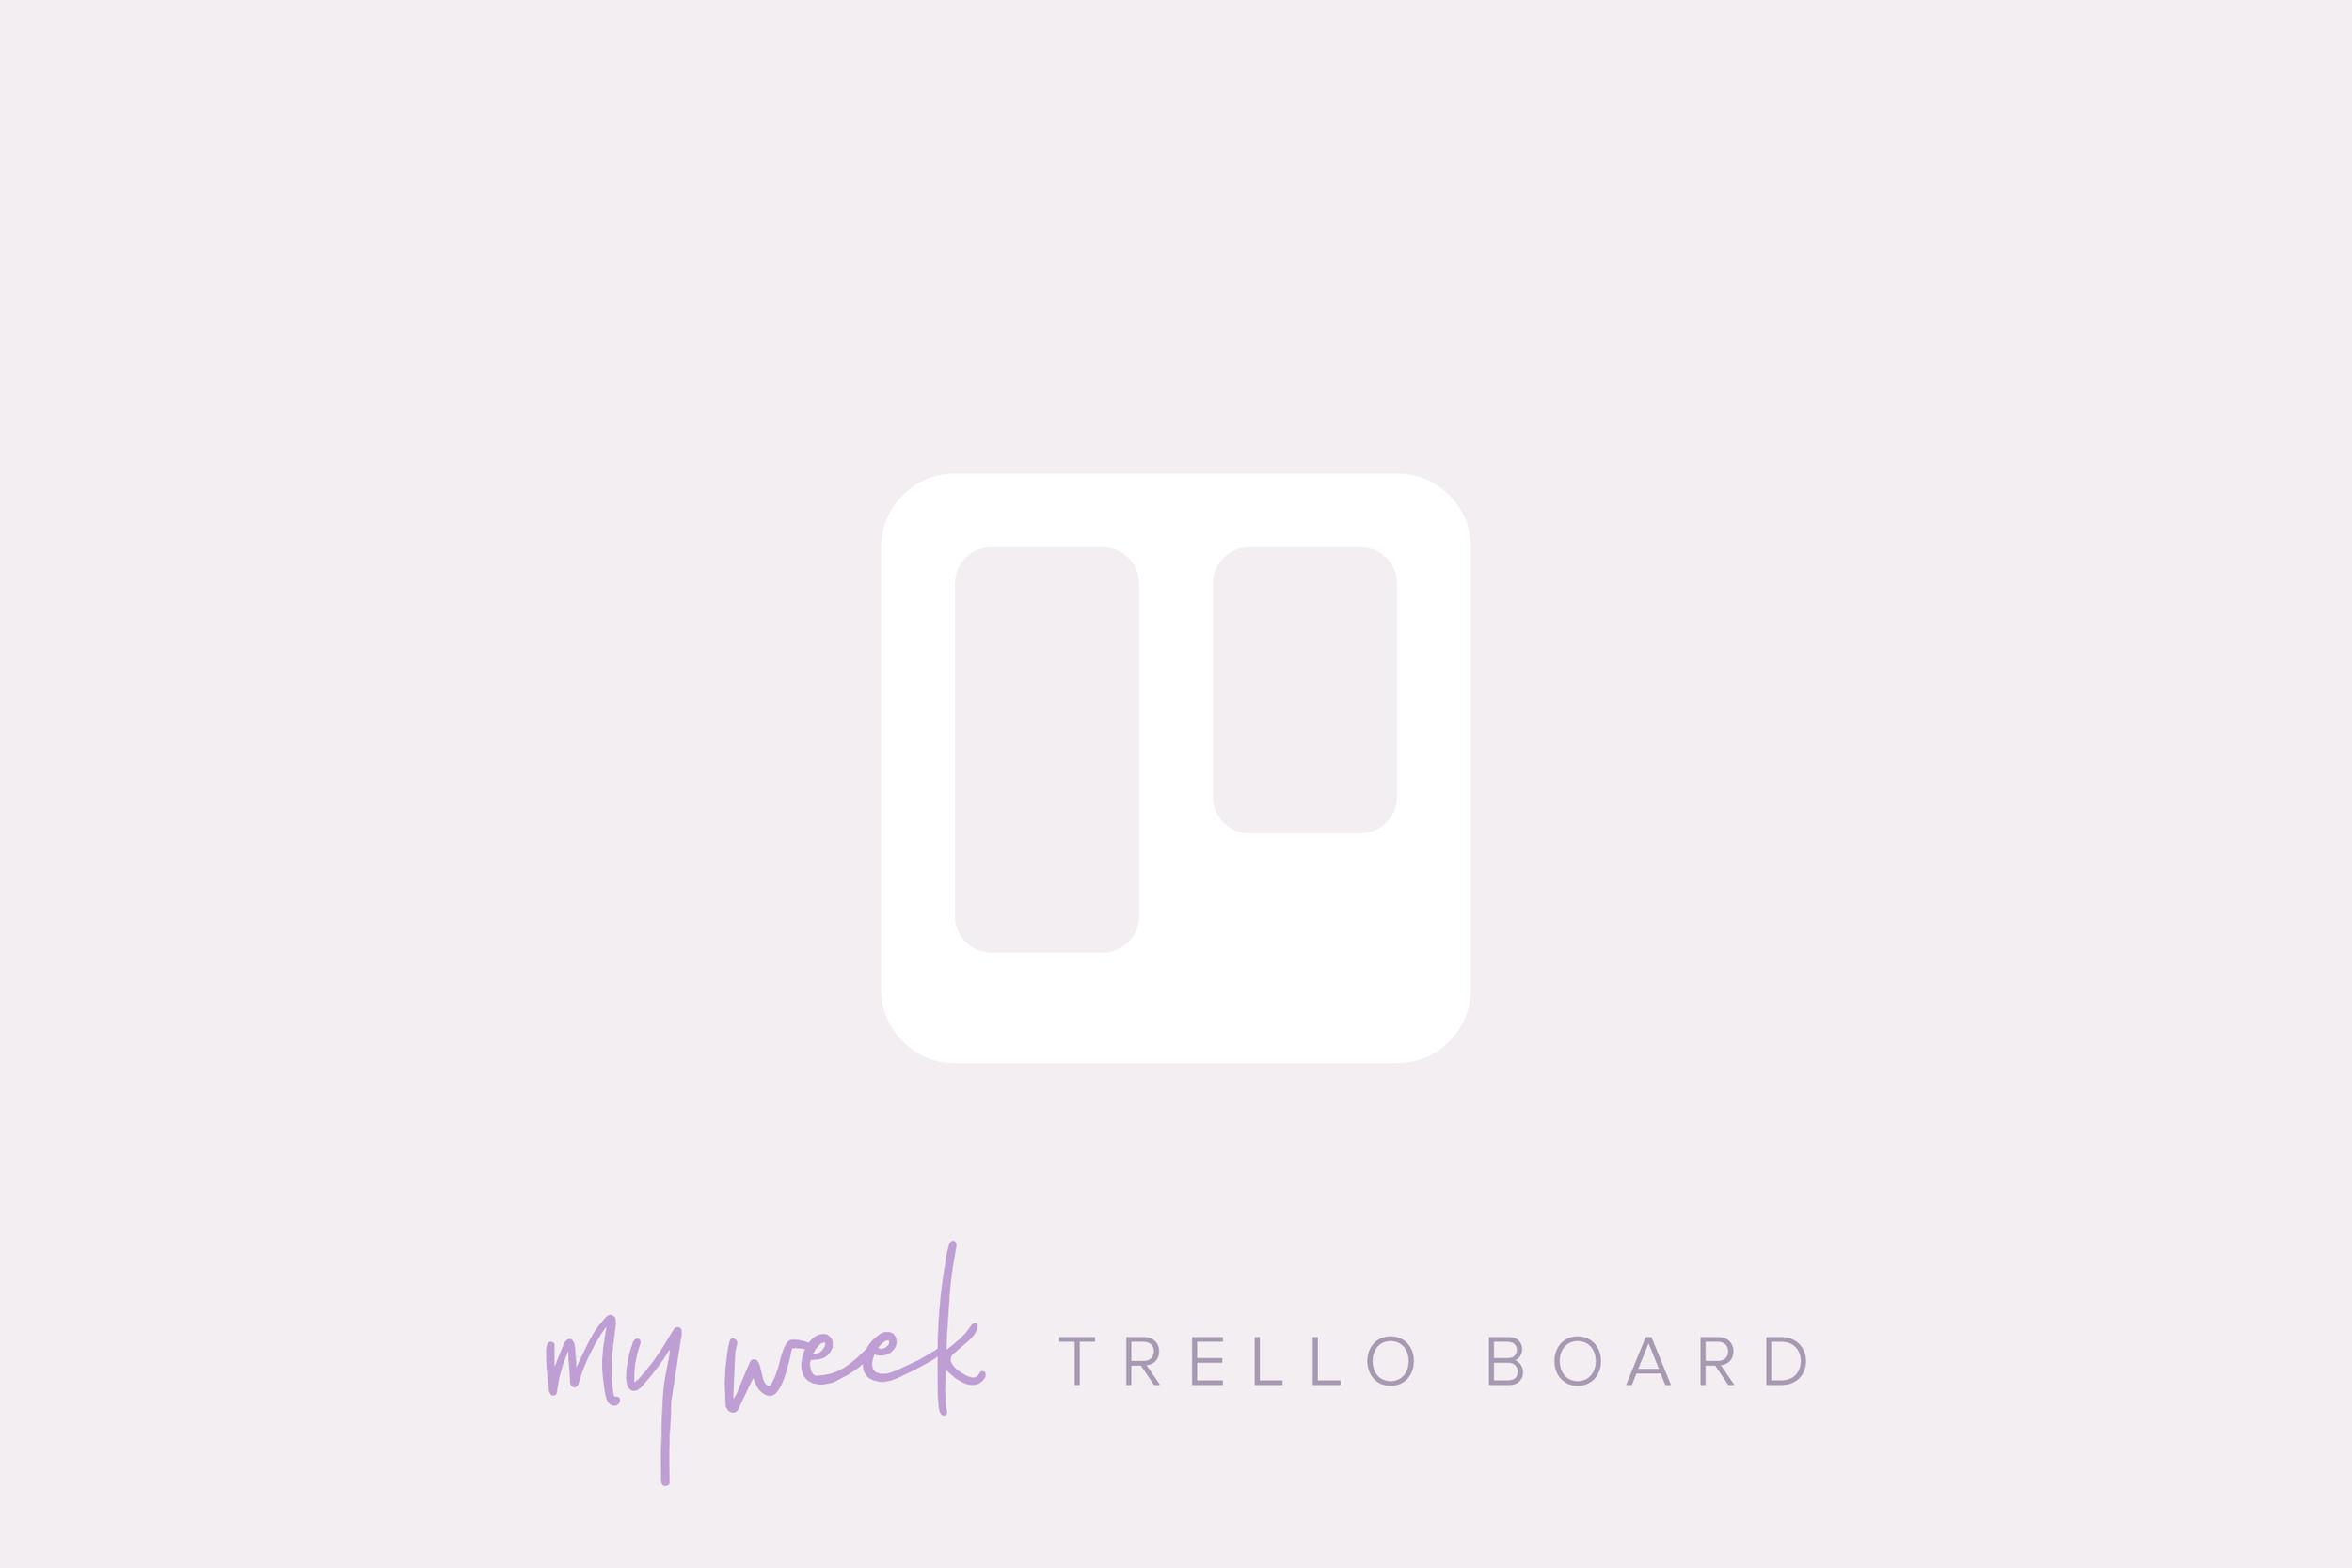 My Week Trello Board | Freebie | Aiane Karla | Productivity